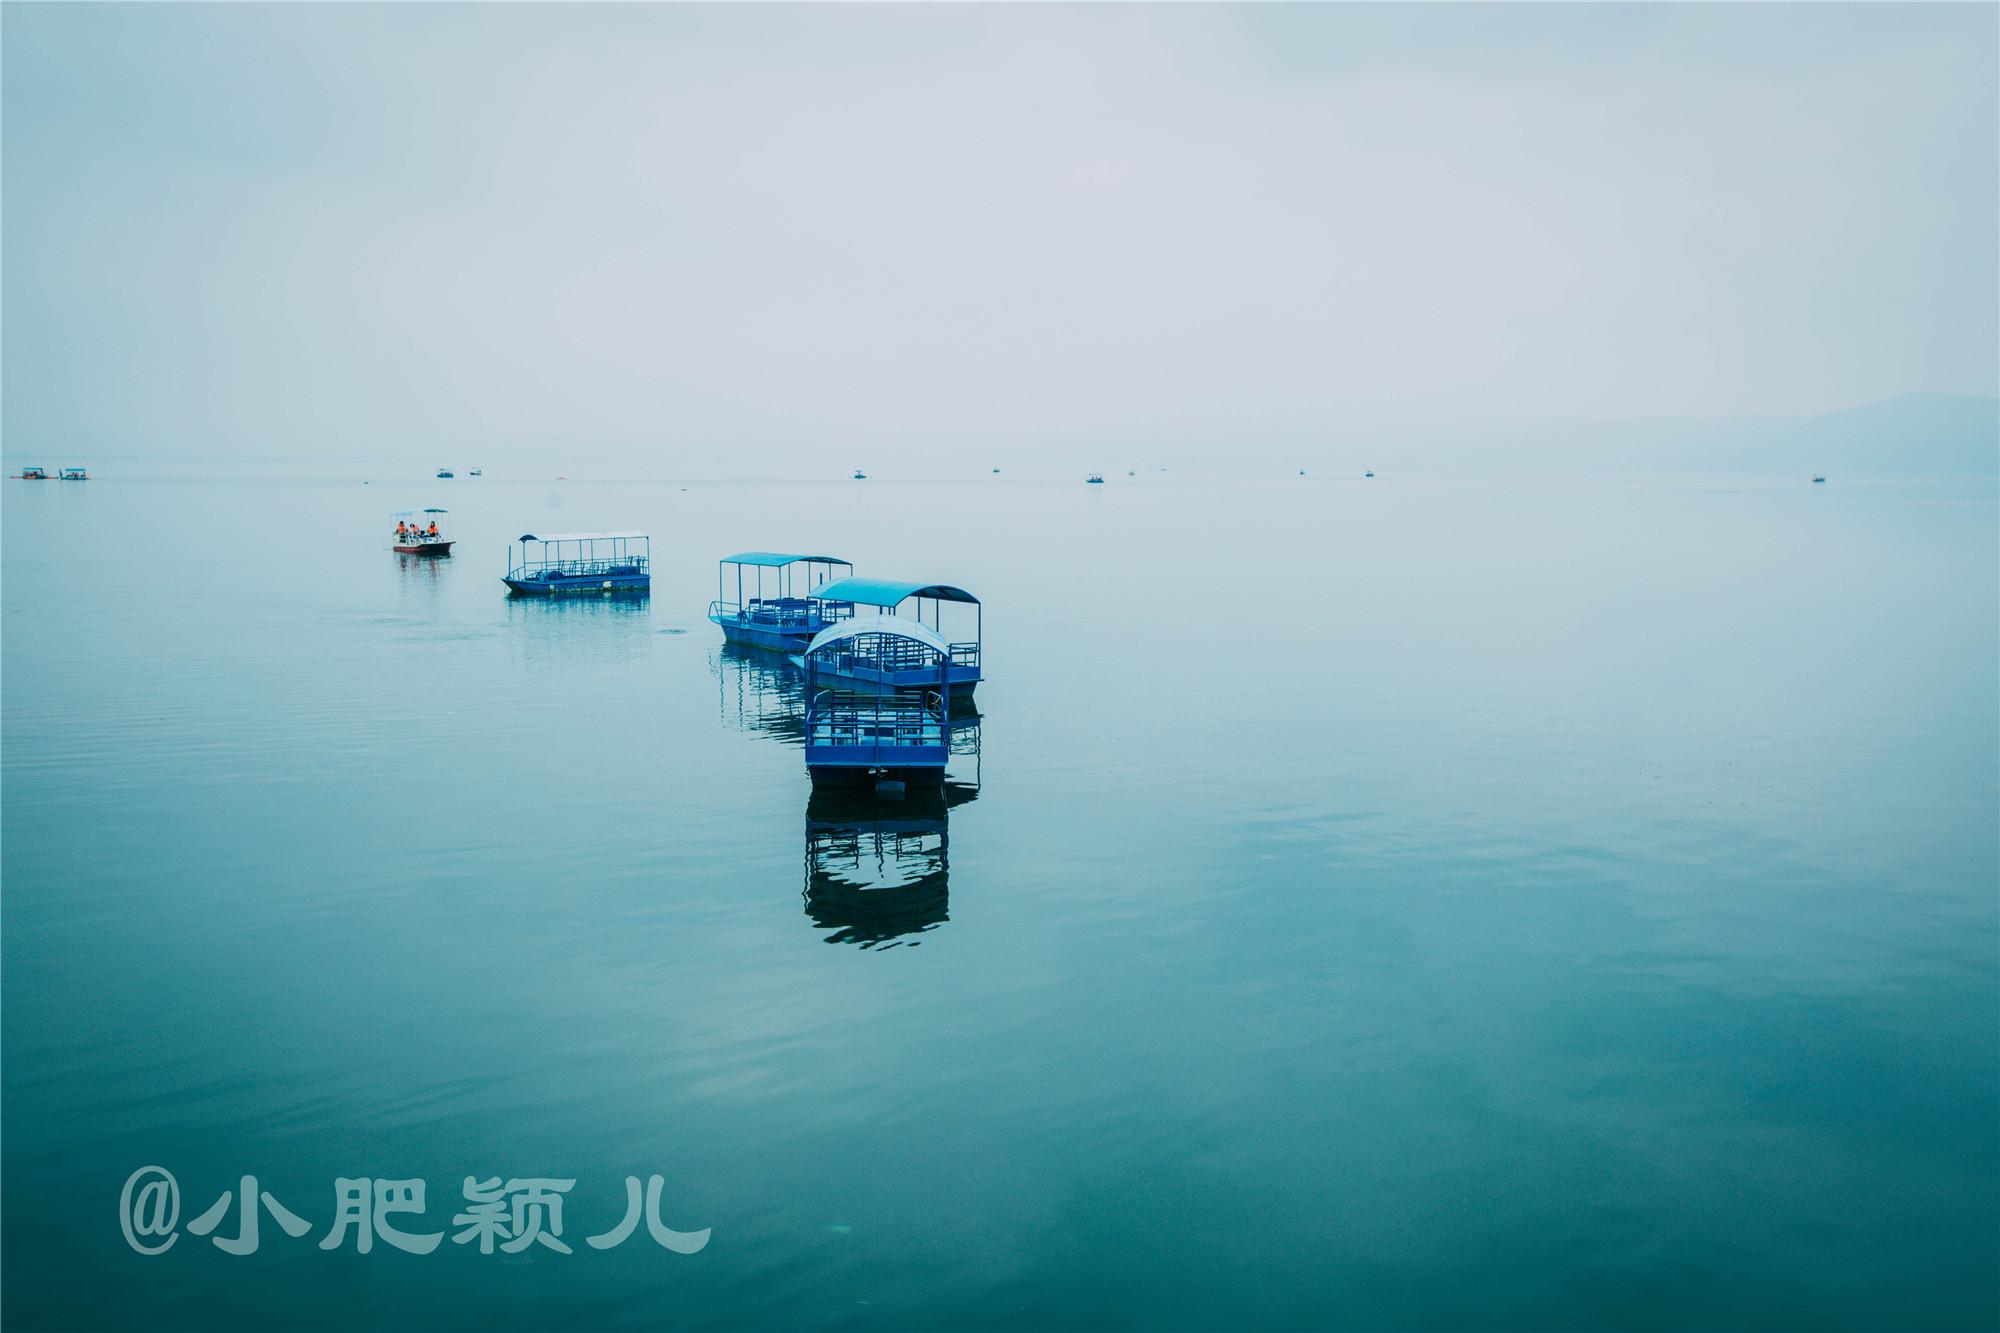 """我国最诡异湖泊,水底暗藏千年神秘古城,探测曾发现""""活人浮尸"""""""